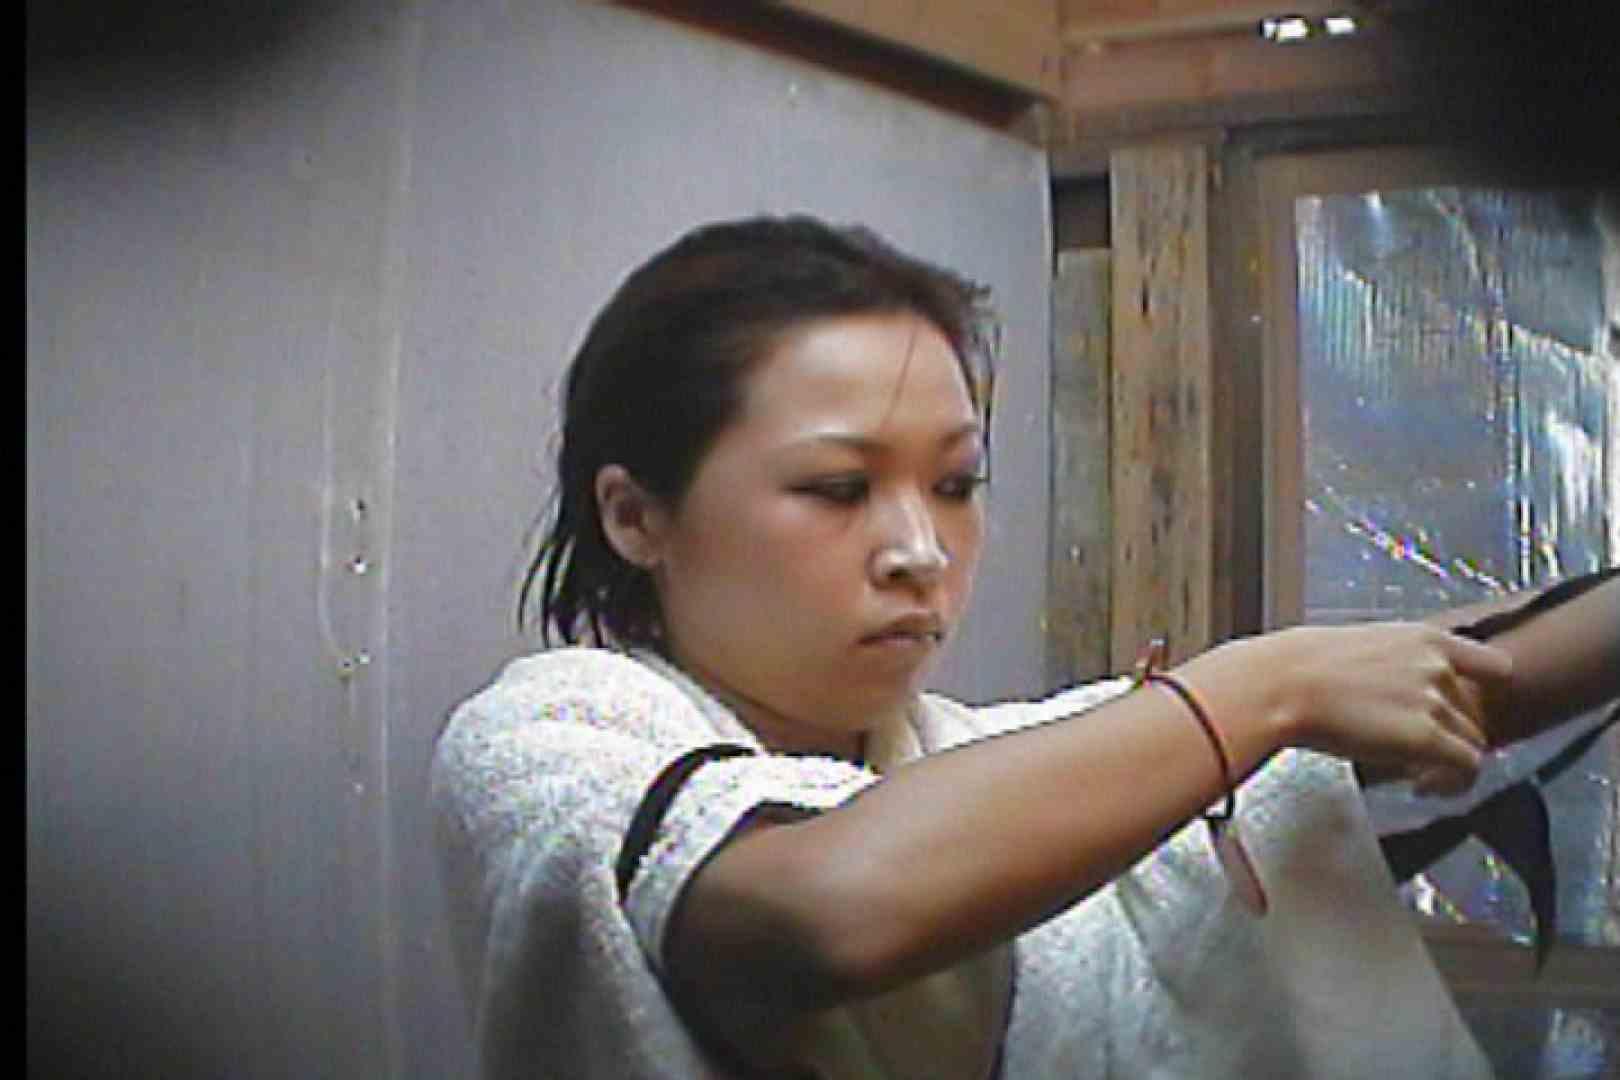 海の家の更衣室 Vol.55 OLの実態 盗撮ヌード画像 75pic 68